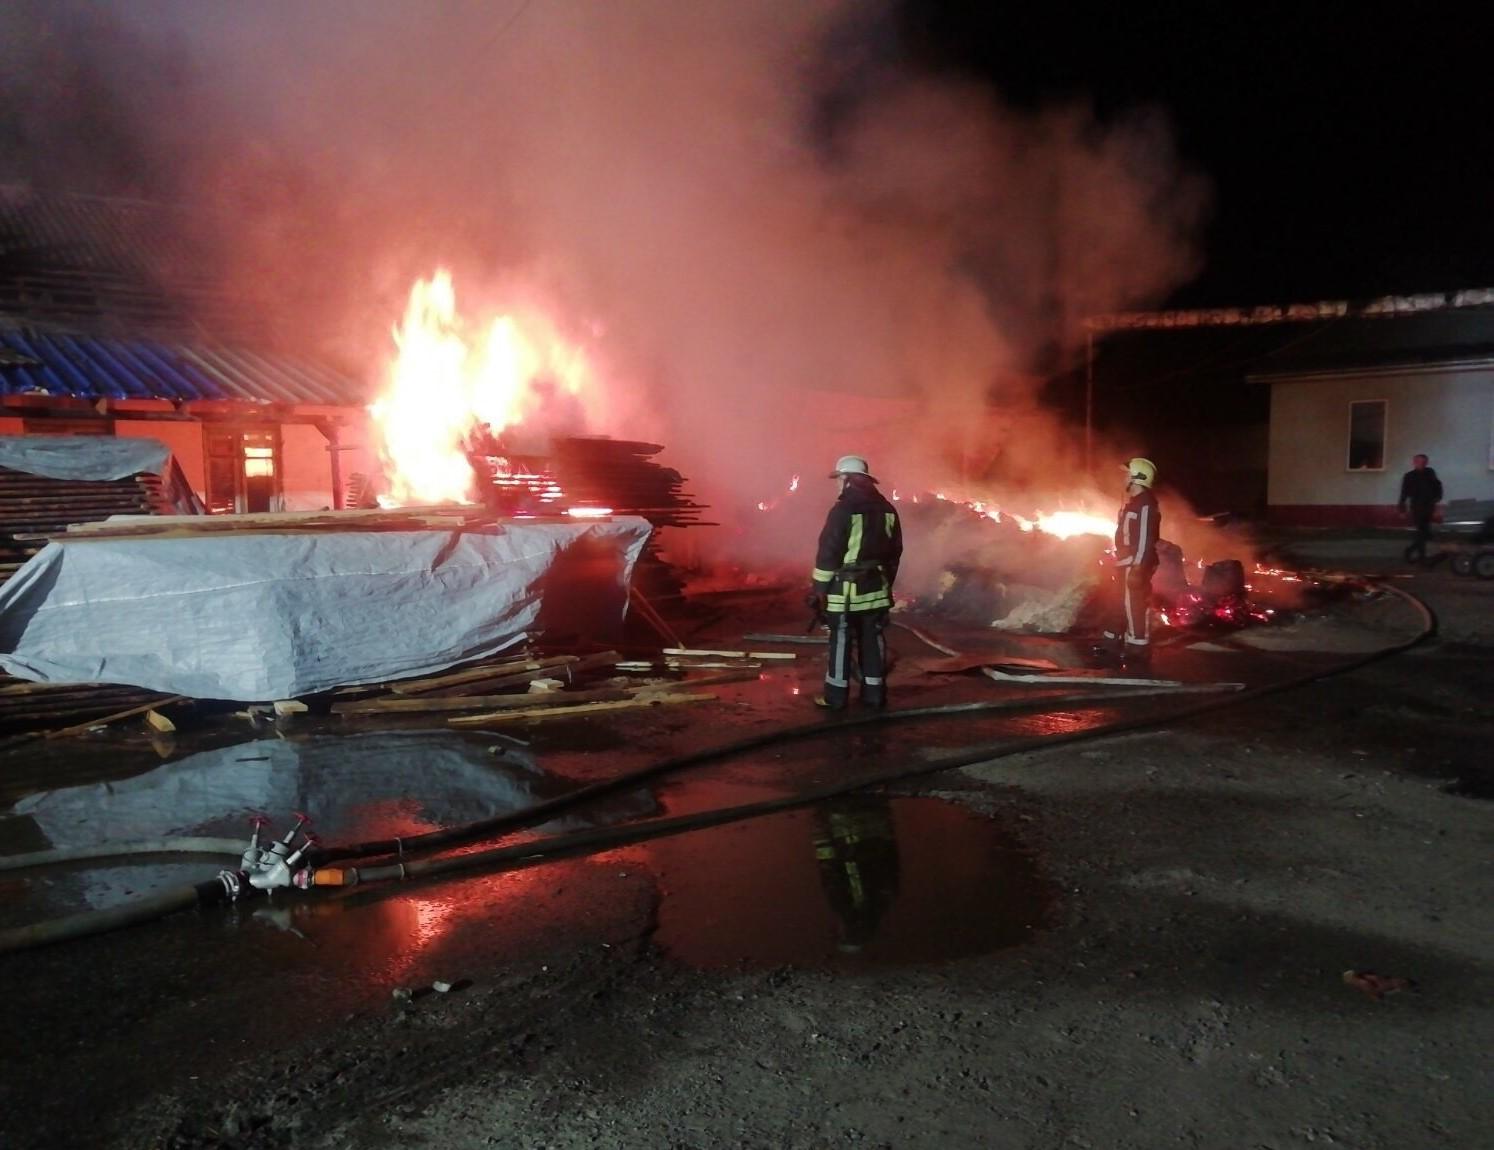 Вогонь охопив столярний цех у Білій Церкві - рятувальники, пожежа, київщина, Білоцерківщина - BC ceh